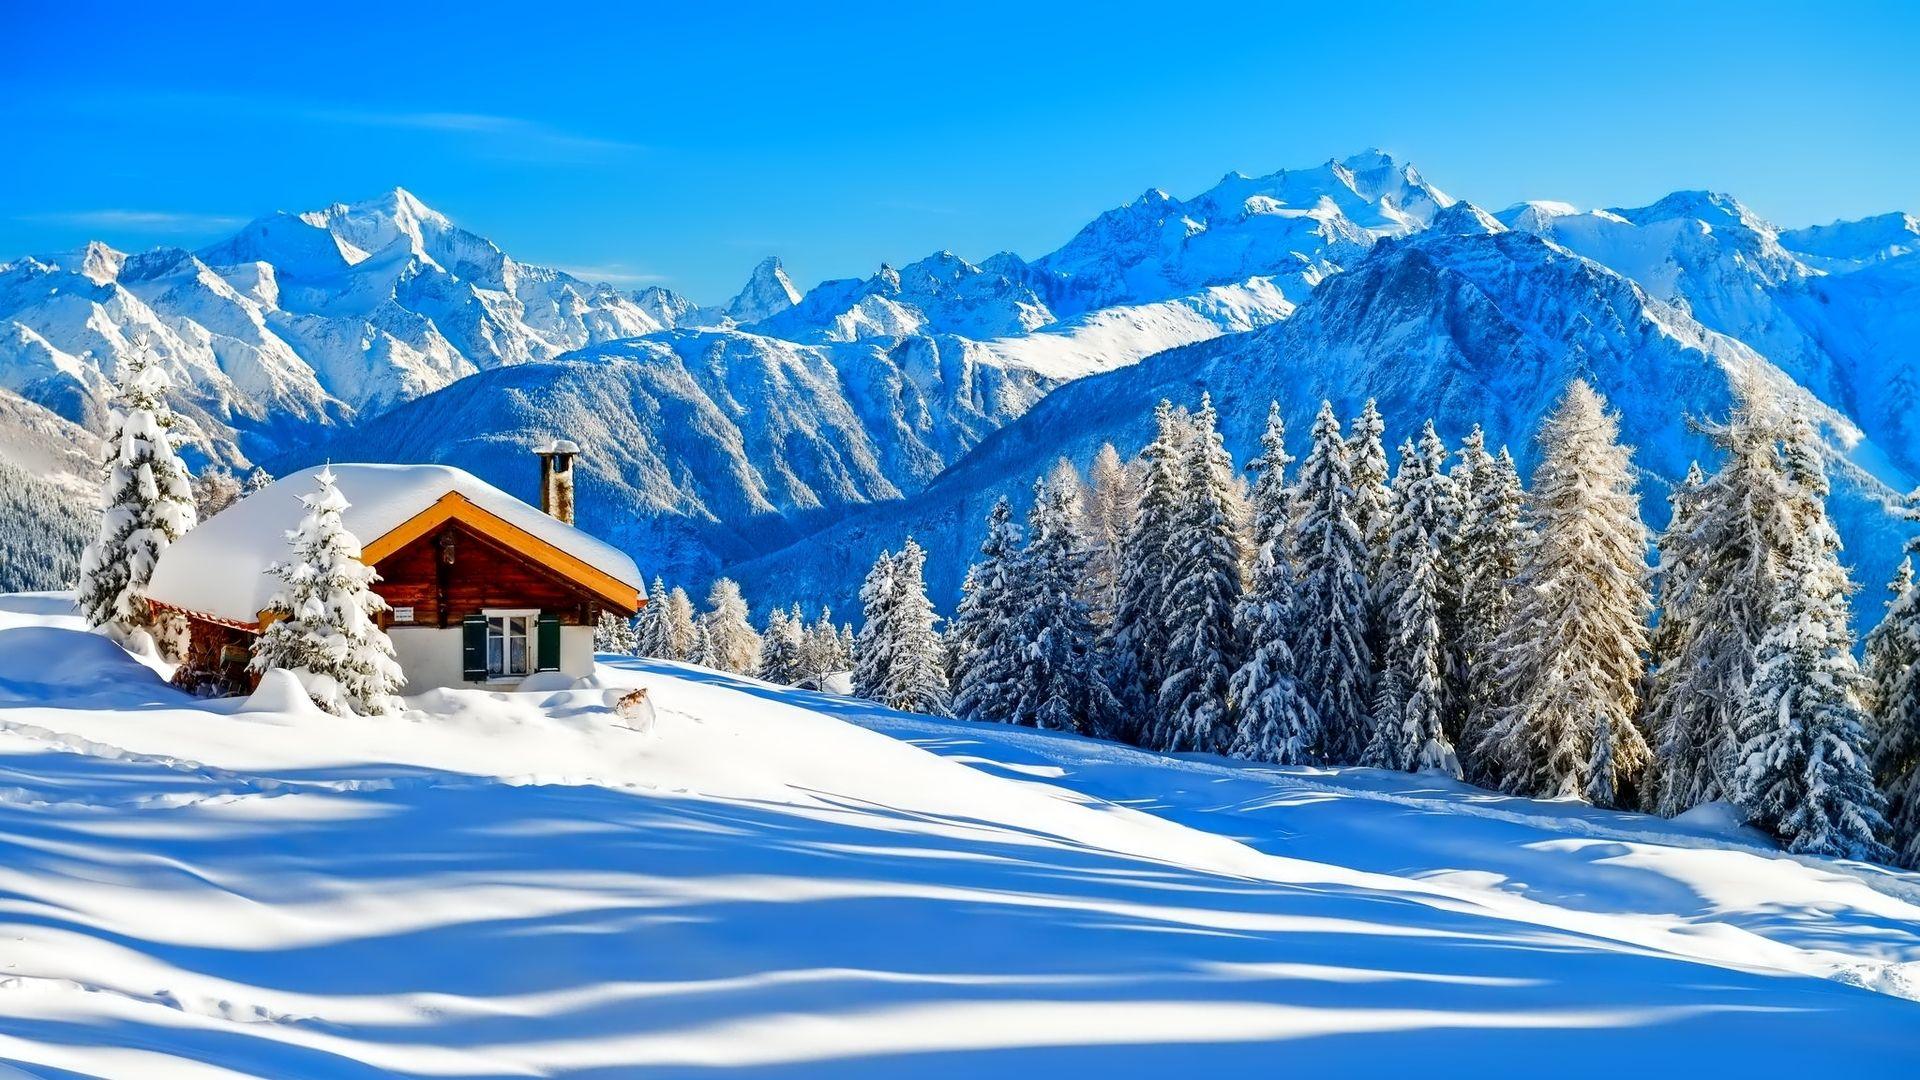 hình ảnh ý nghĩa mùa đông